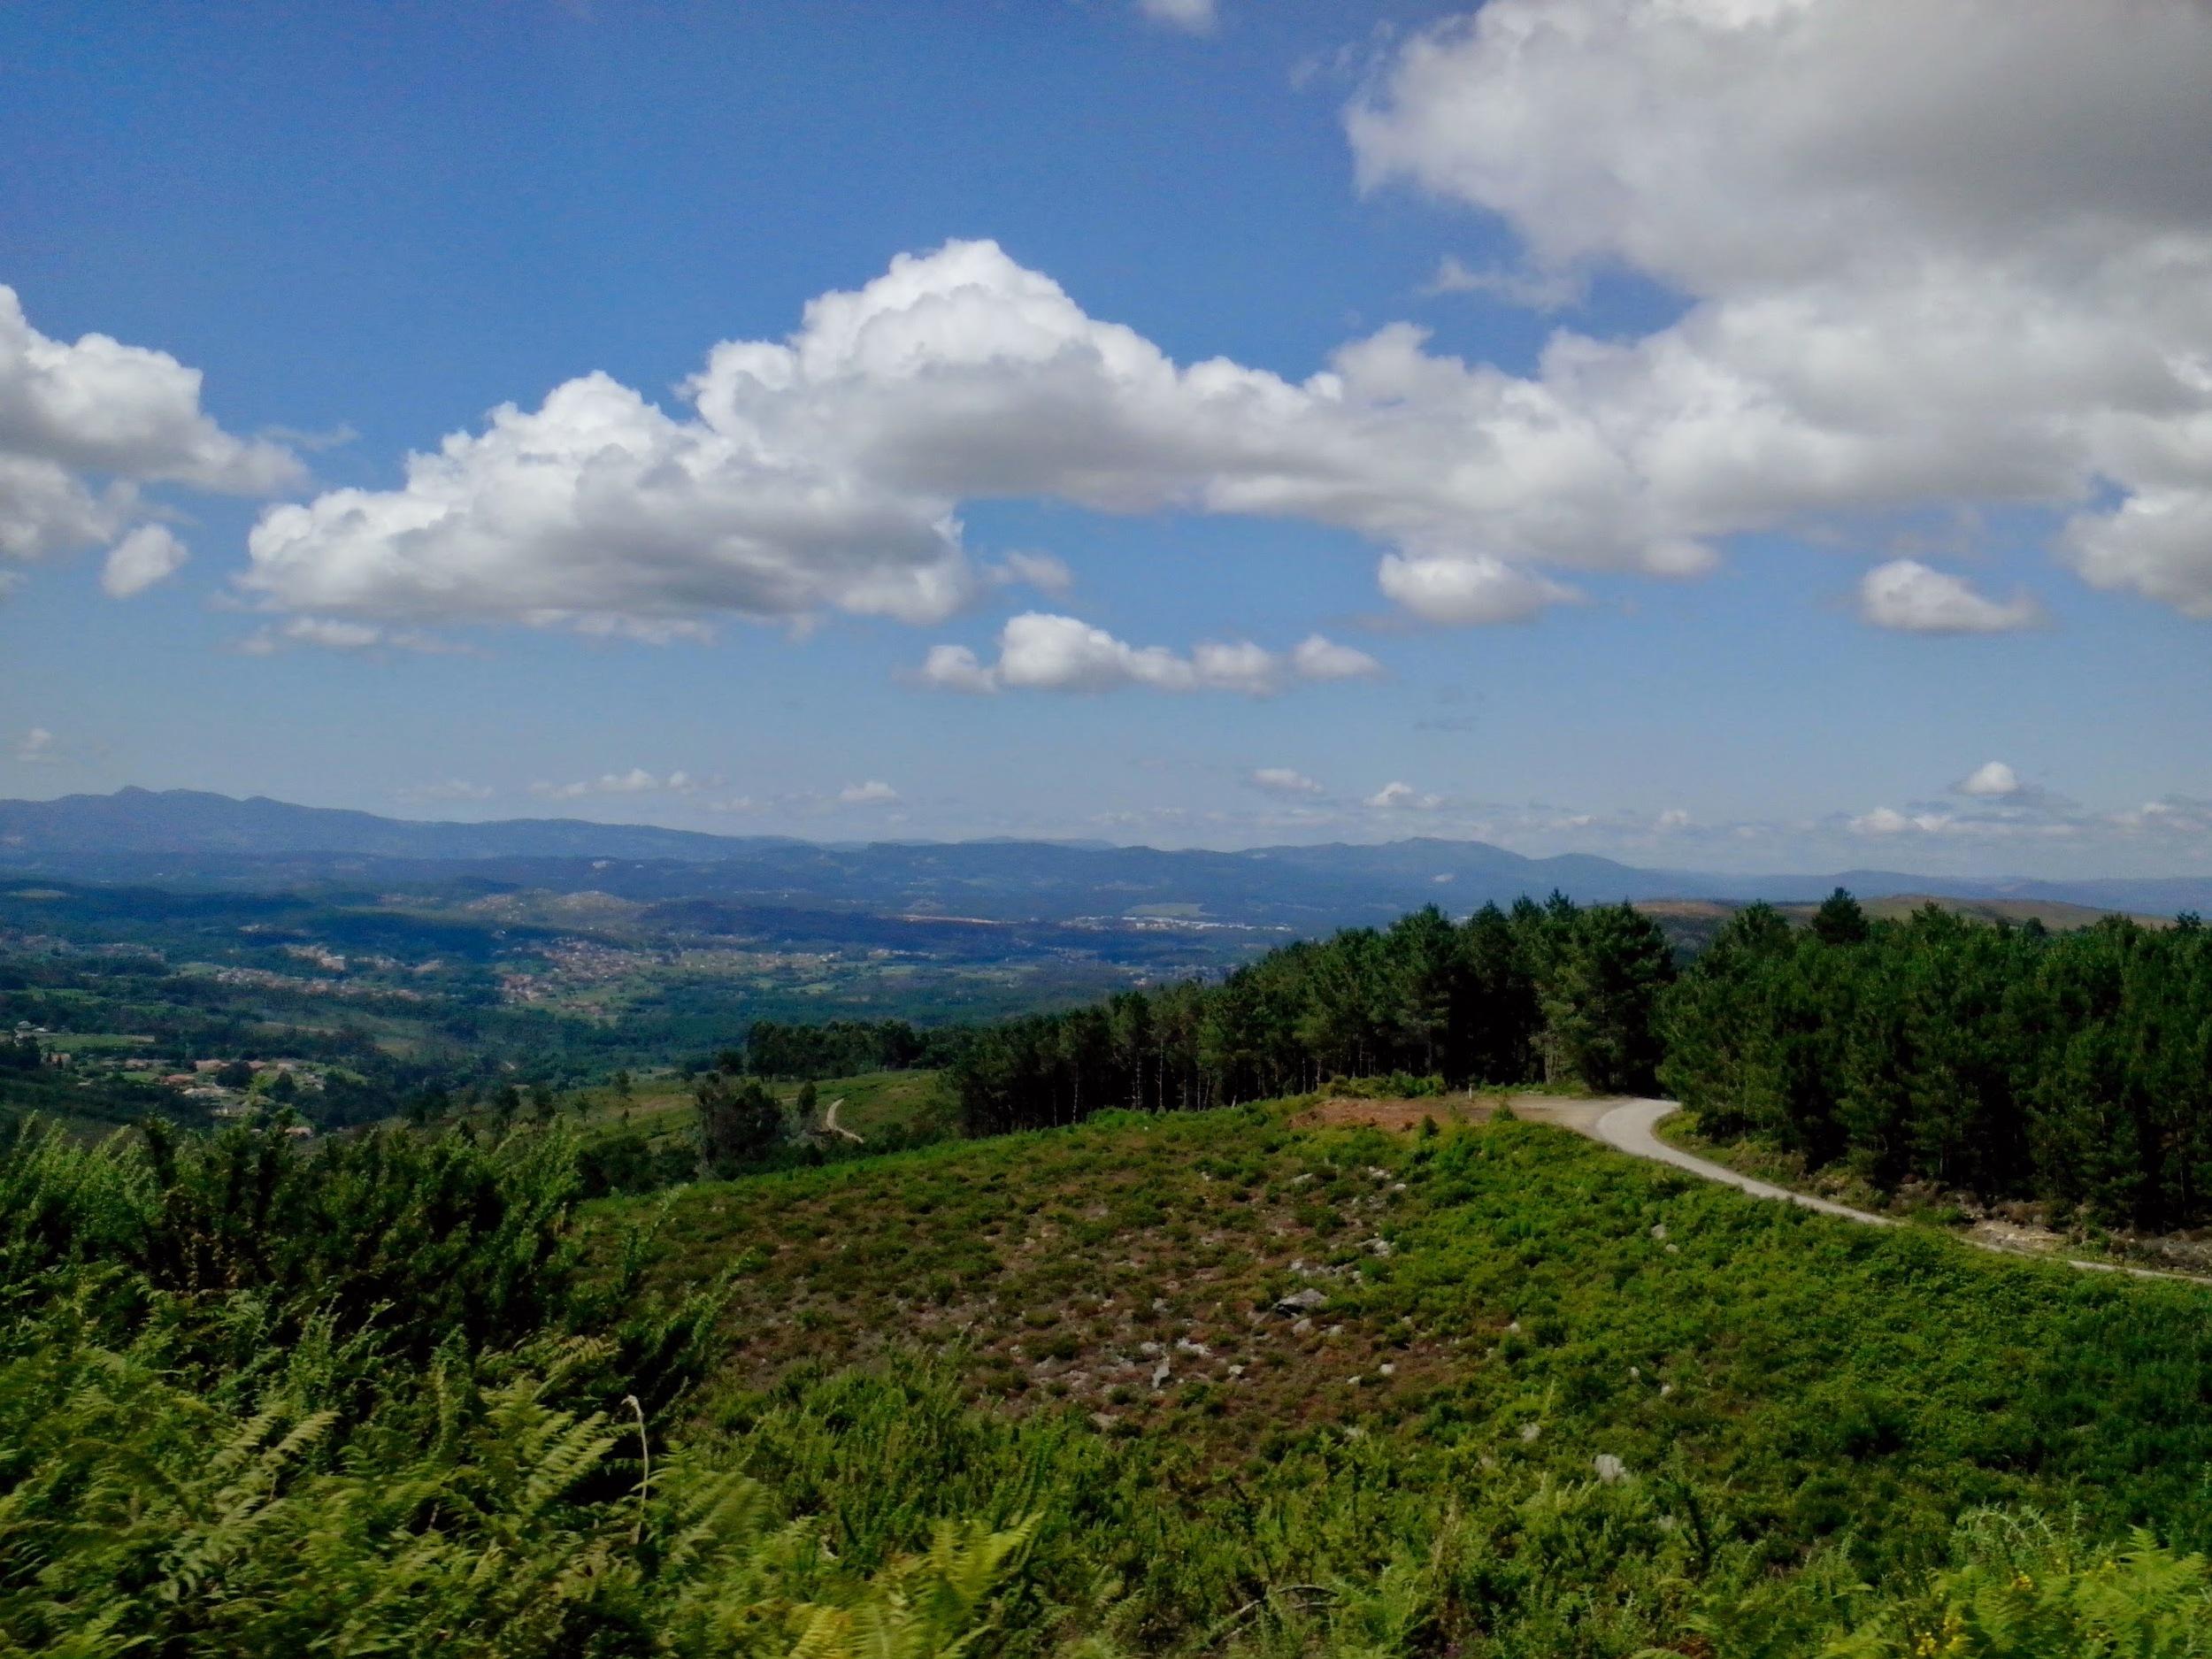 Minho Valley,Monção, North Portugal